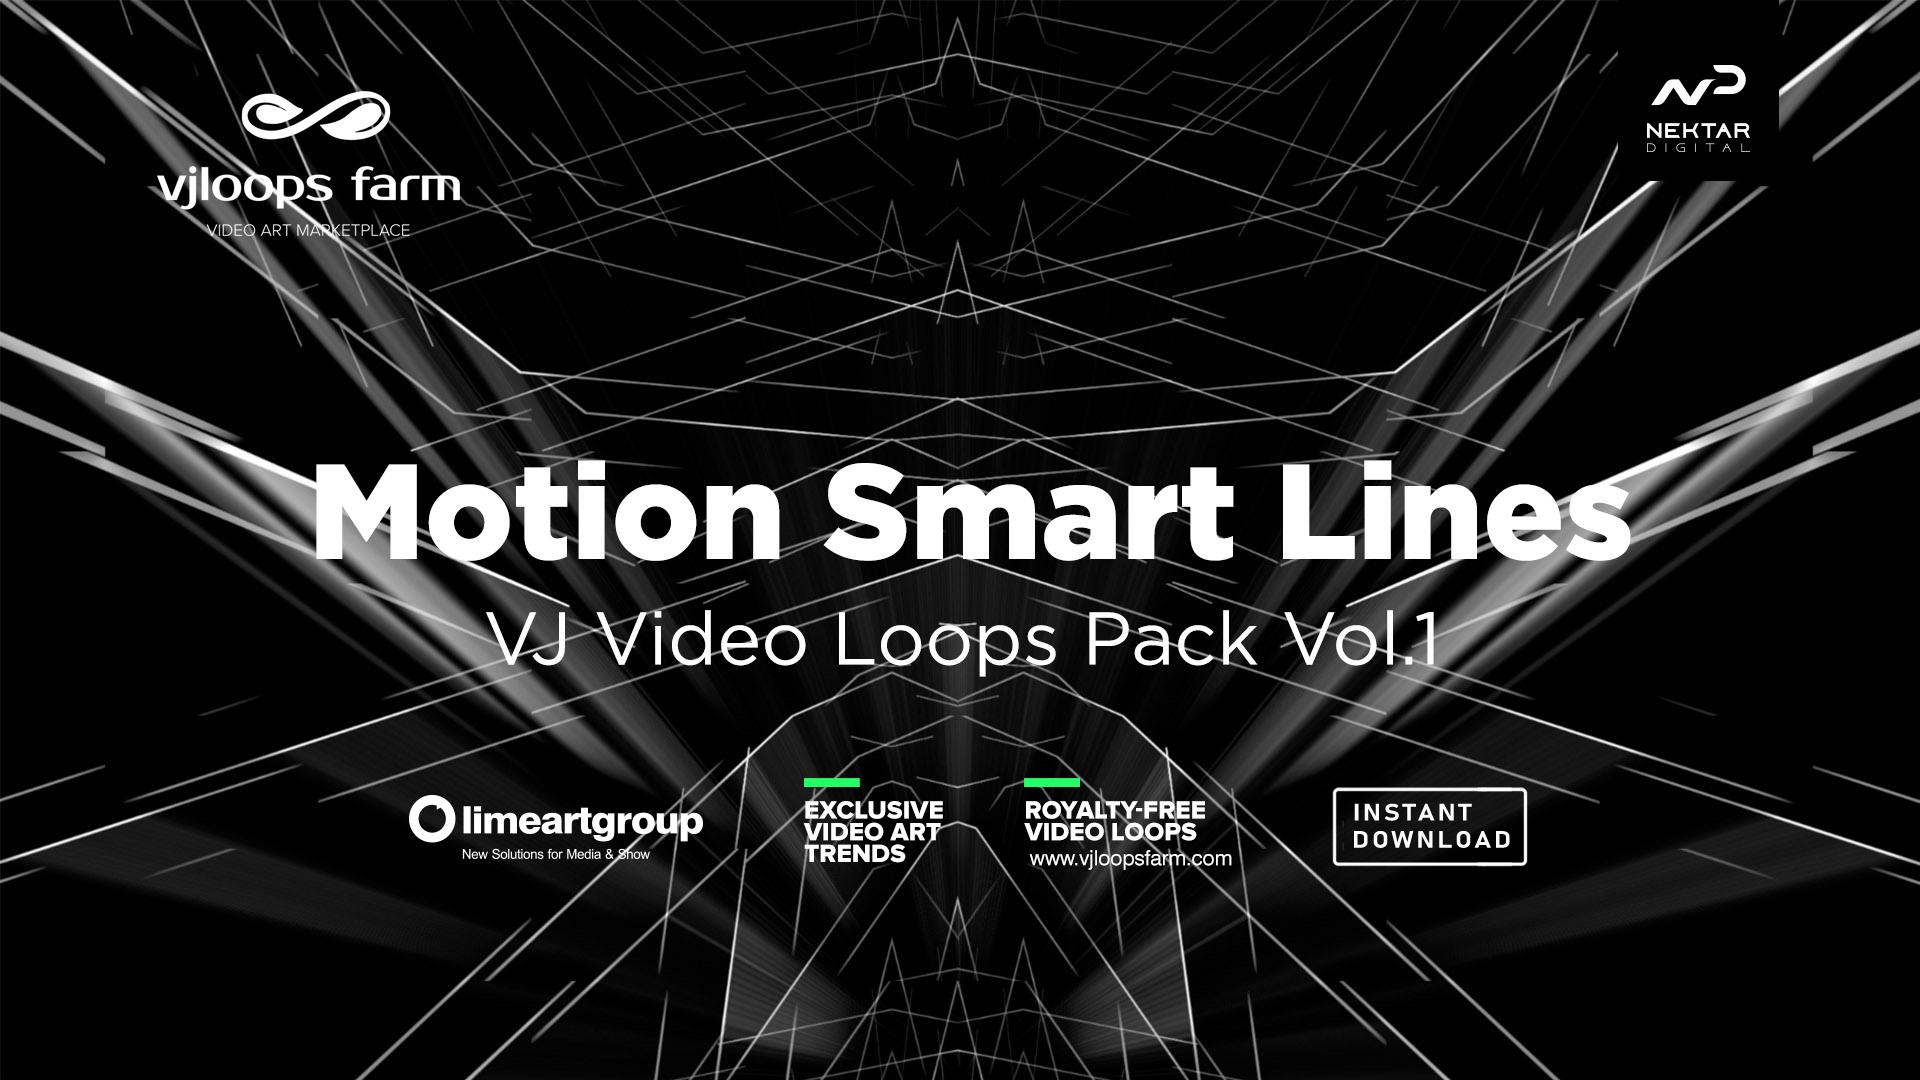 VJ Loops Pack Vol1